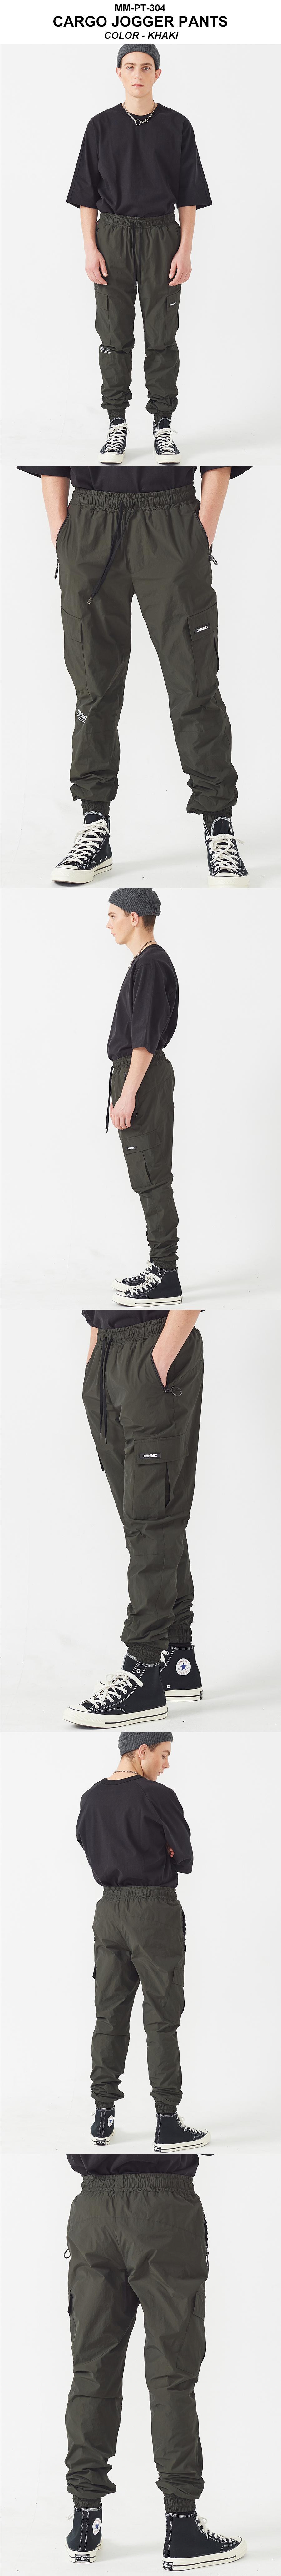 엠엠아이씨(MMIC) CARGO JOGGER PANTS (OLIVE)